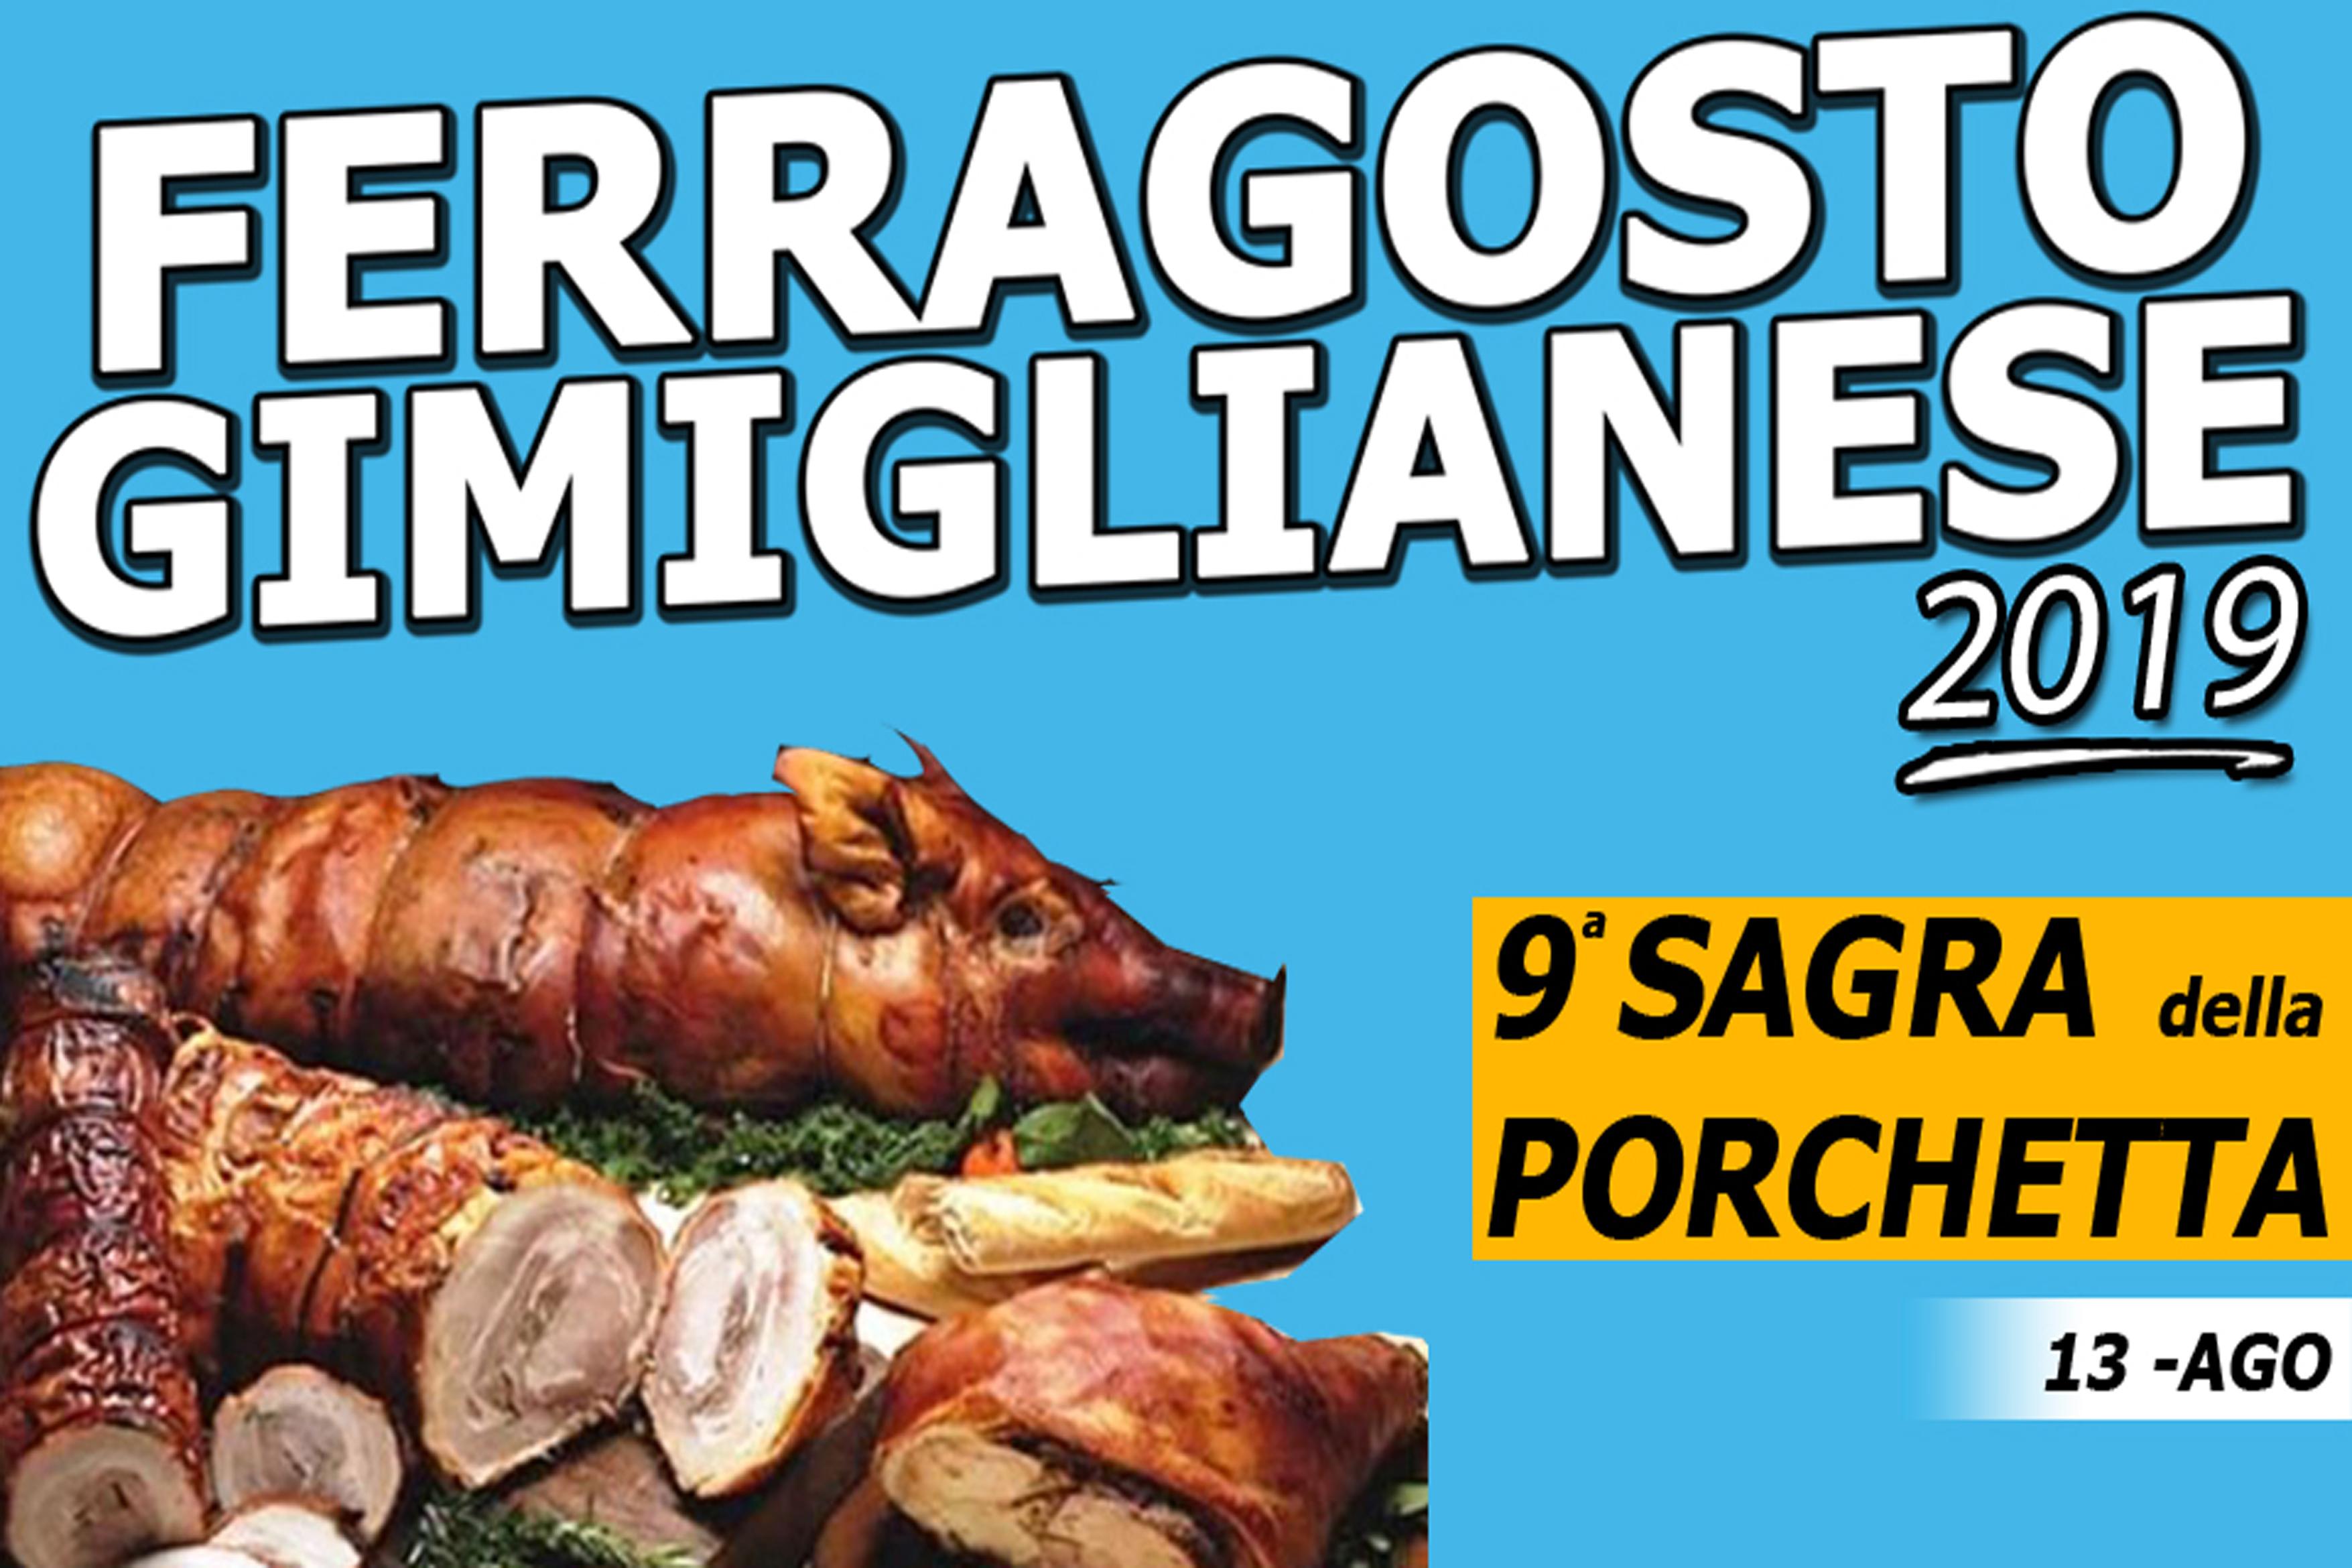 http://iniziativagimigliano.com/domain/wp-content/uploads/2019/07/SAGRADELLAPORCHETTA-3510X2340.jpg